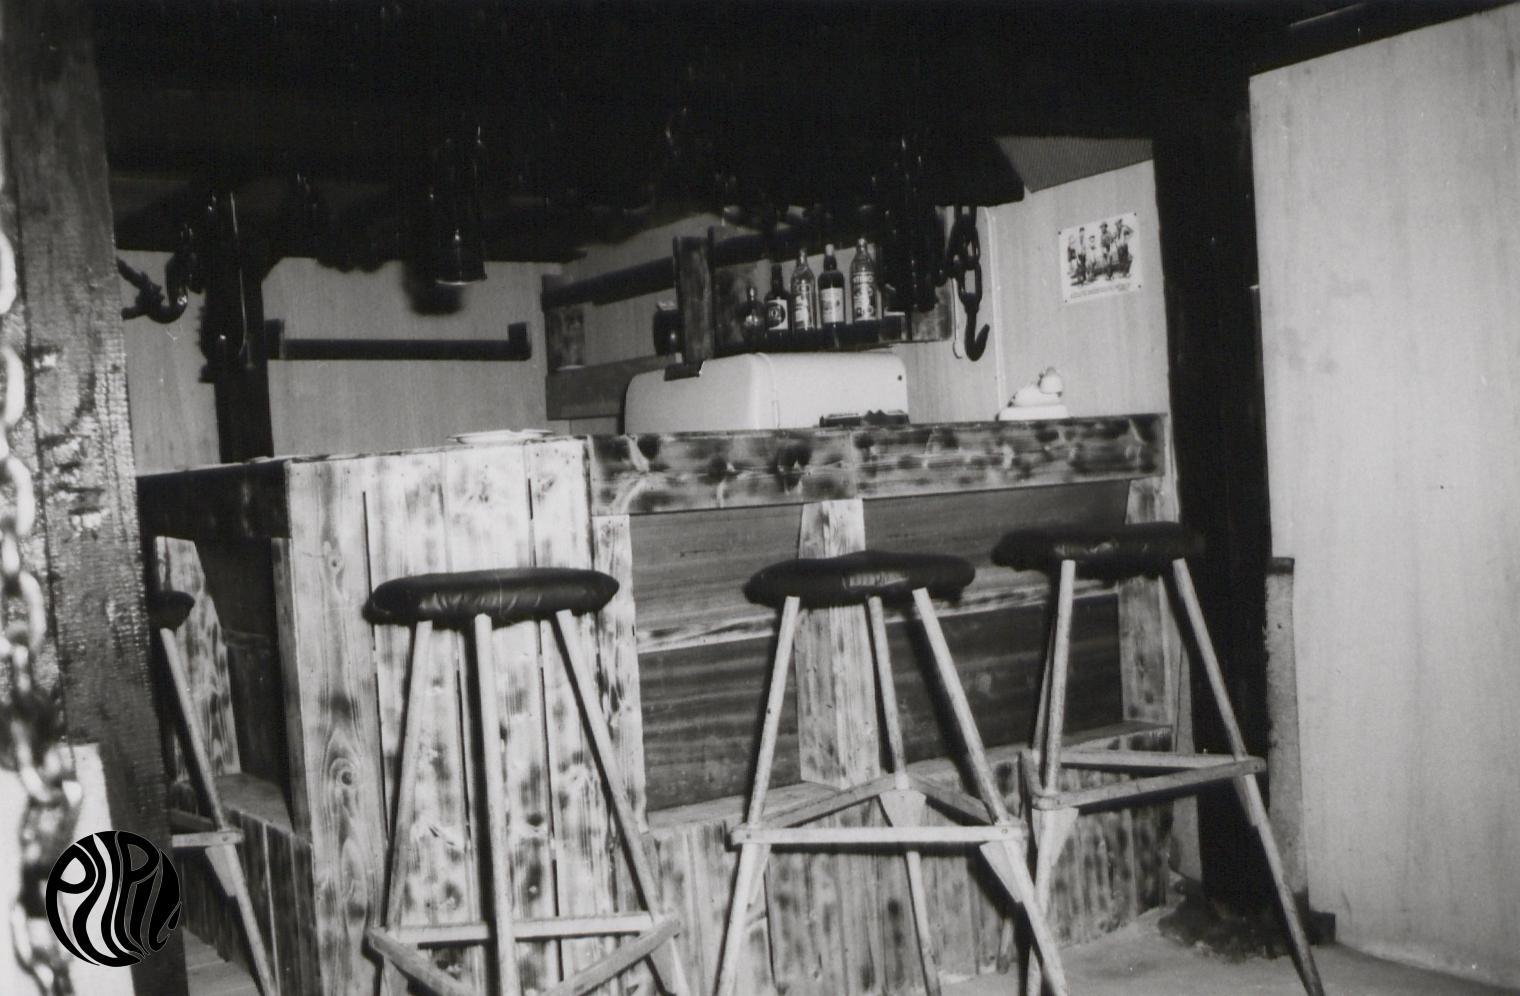 PUPIL 1968